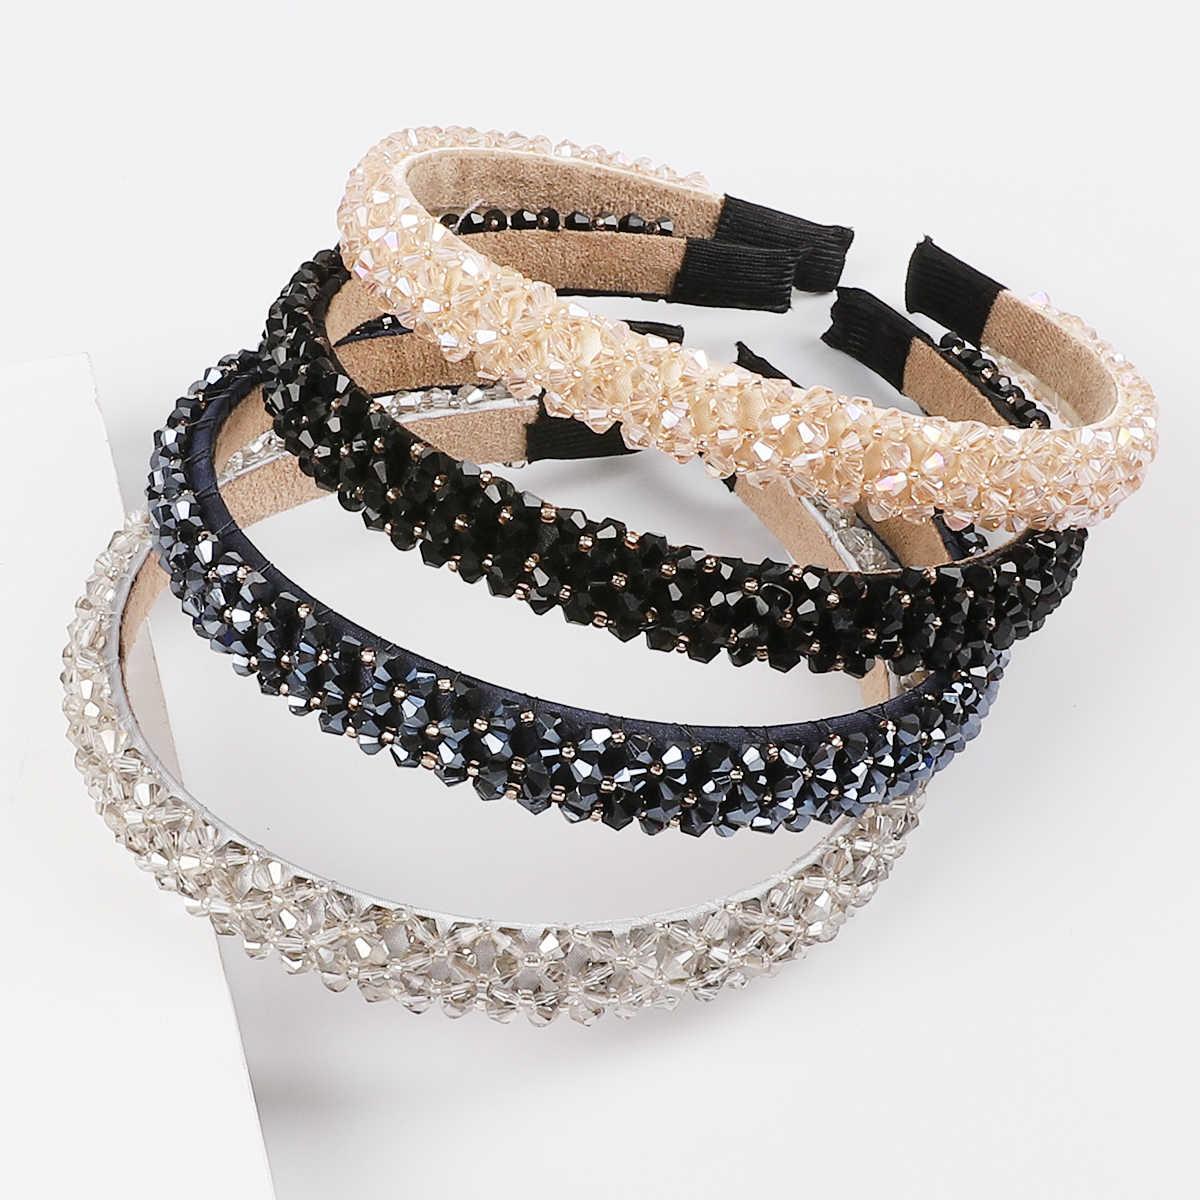 女の子光沢のある高級ラインストーンヘアバンドヘアクリップ高品質ダイヤモンドアクセサリー女性クリスタル飾り